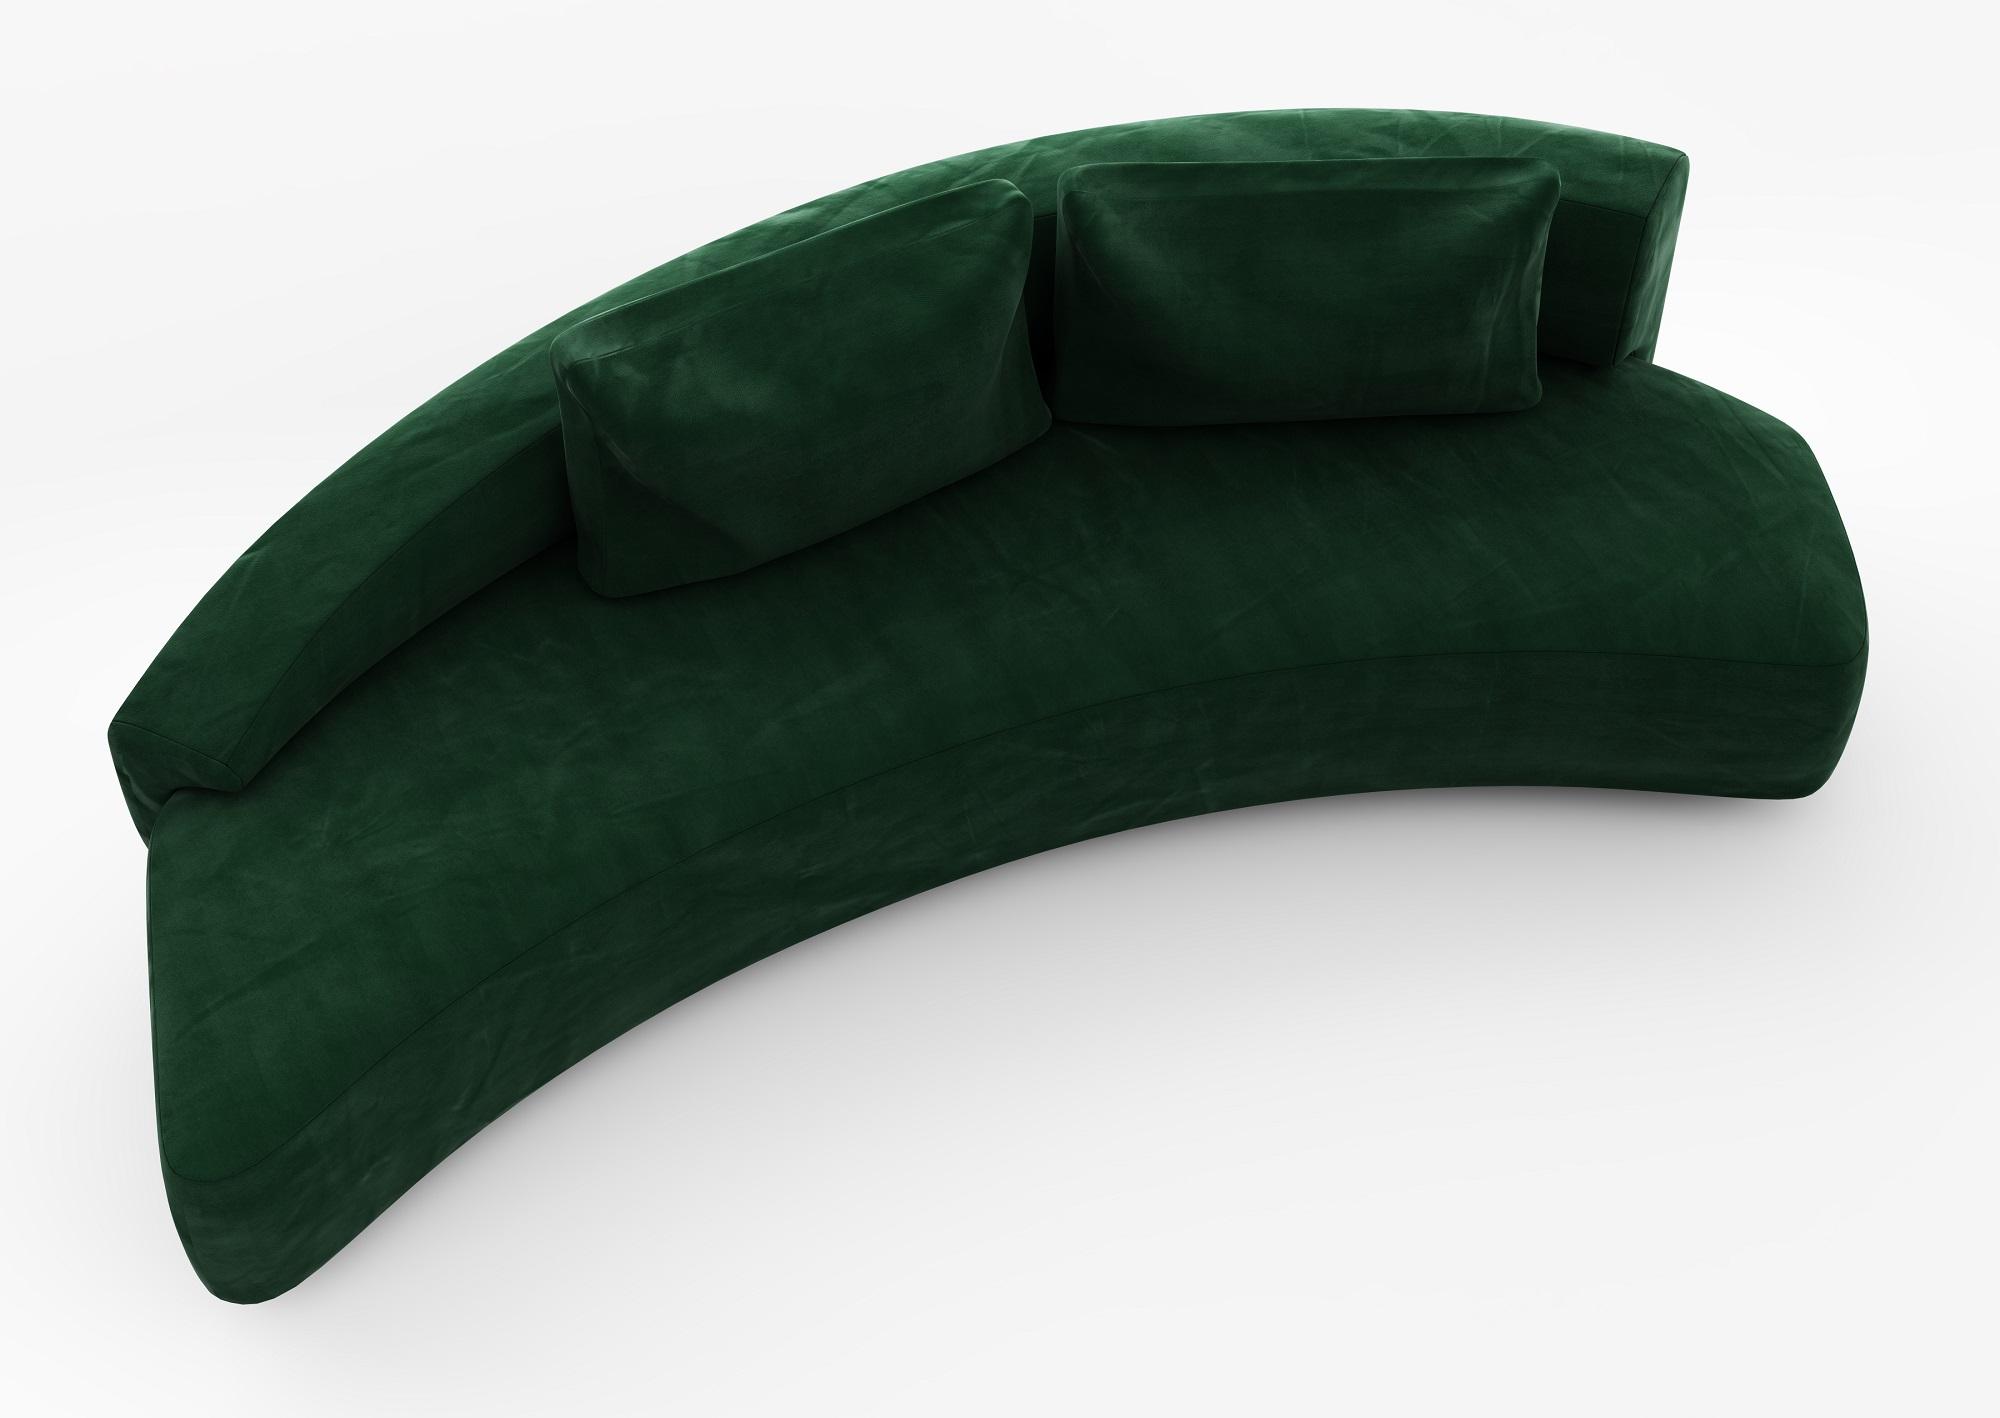 Canapea Fixa Verde - 111